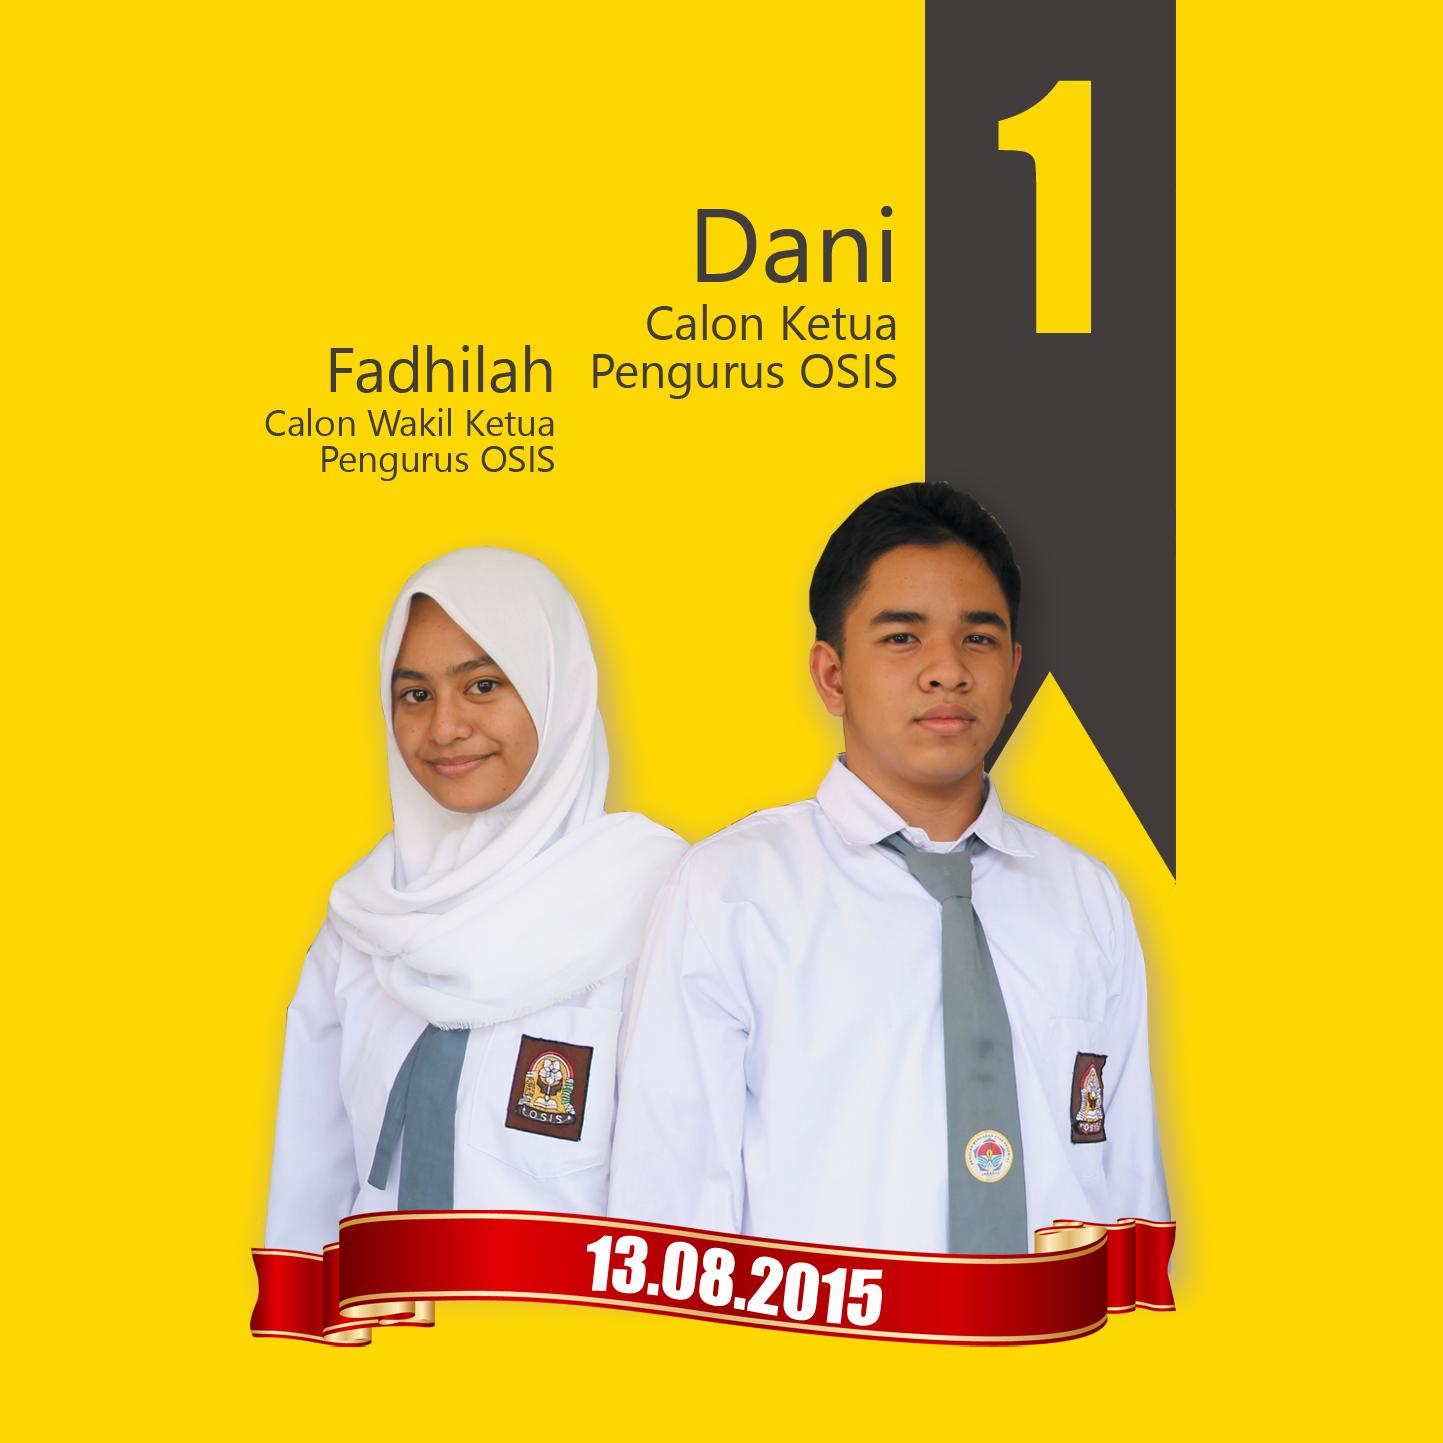 Dani-Fadhilah Profile